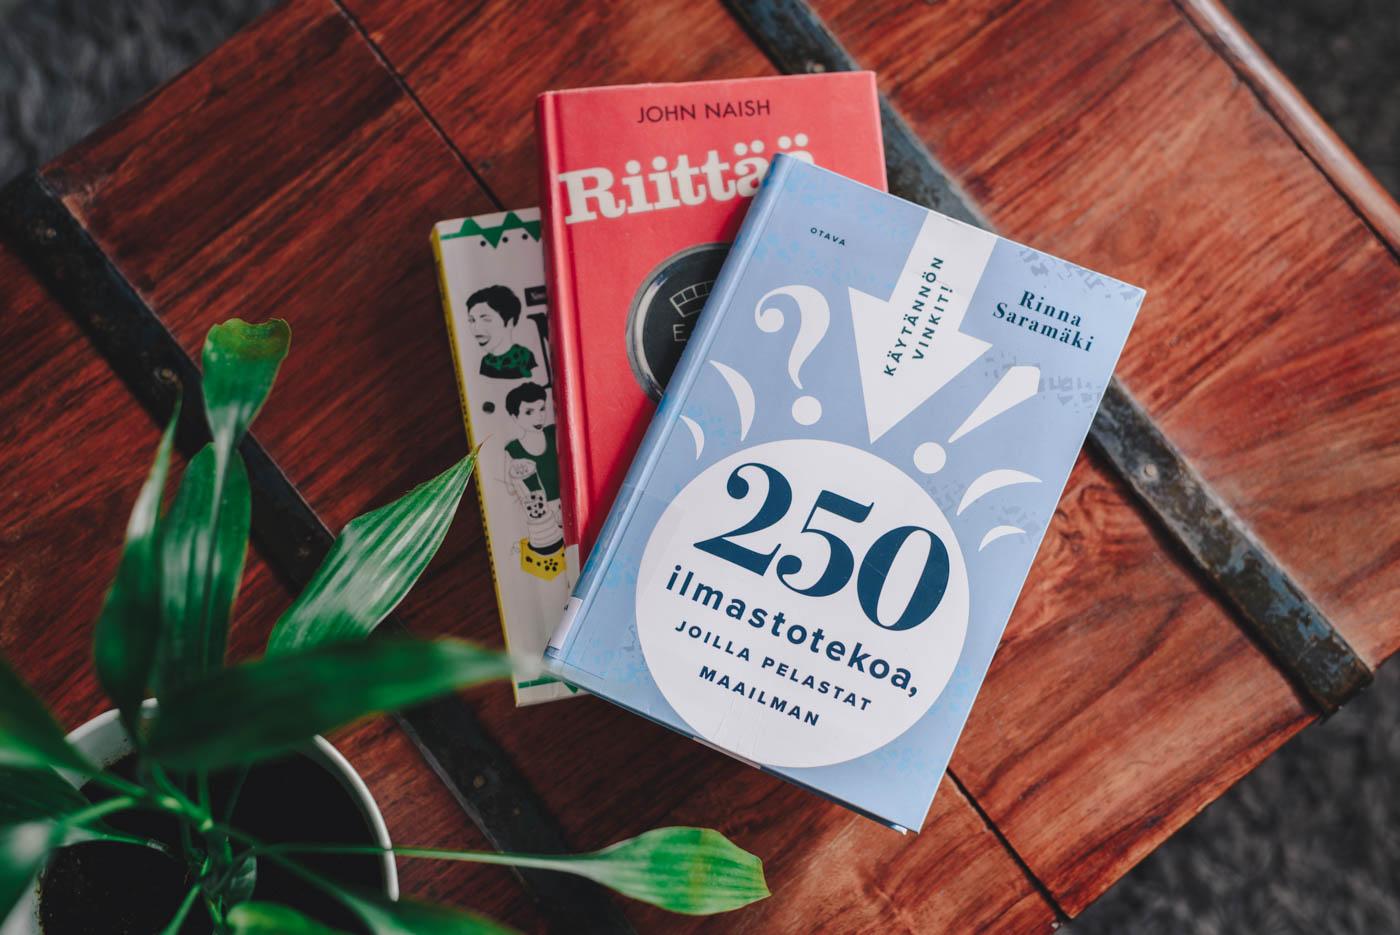 250 ilmastotekoa kirja